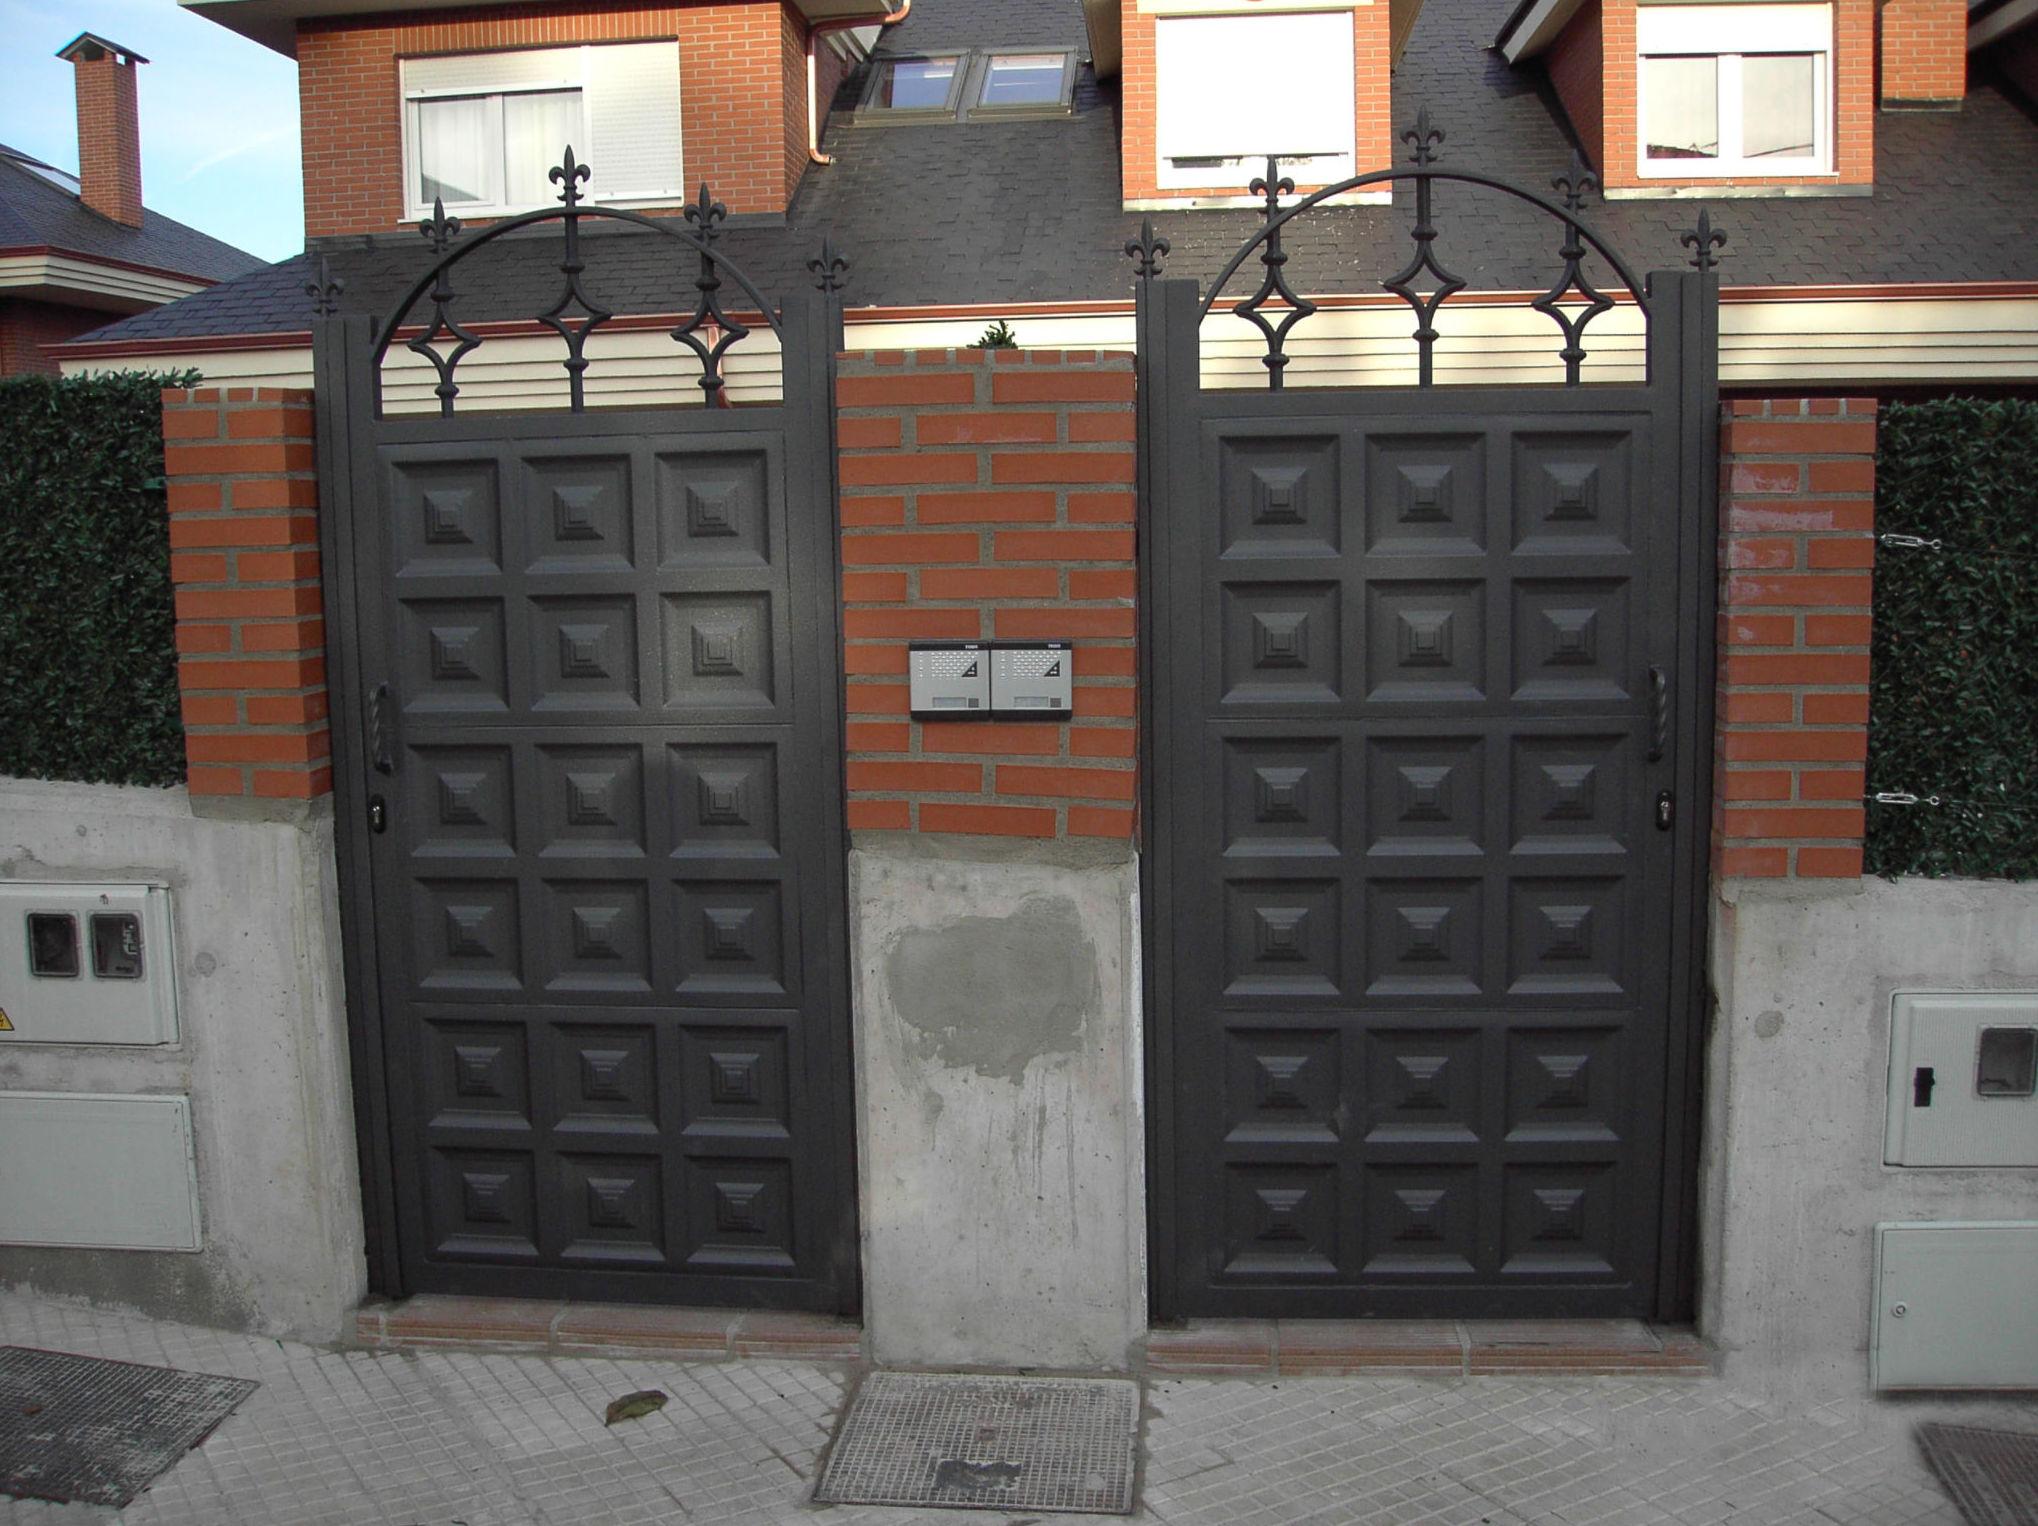 Foto 9 de carpinter a de aluminio met lica y pvc en pontejos met licas mergo s l - Disenos de puertas metalicas ...